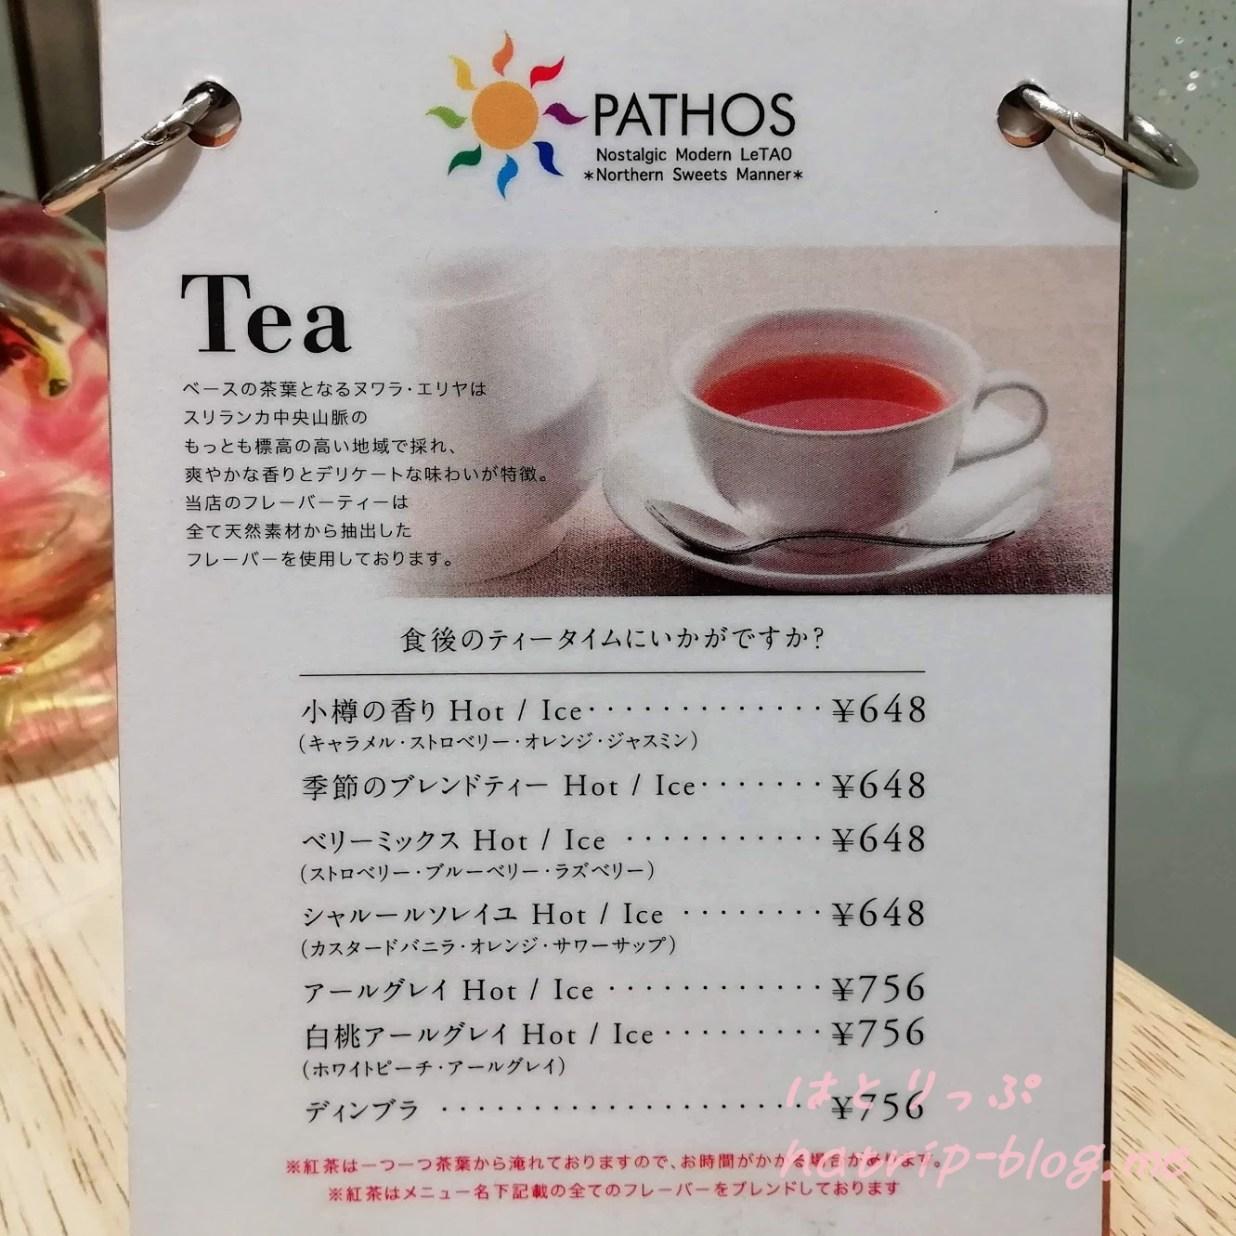 北海道 小樽 ルタオ パトス カフェ メニュー 紅茶